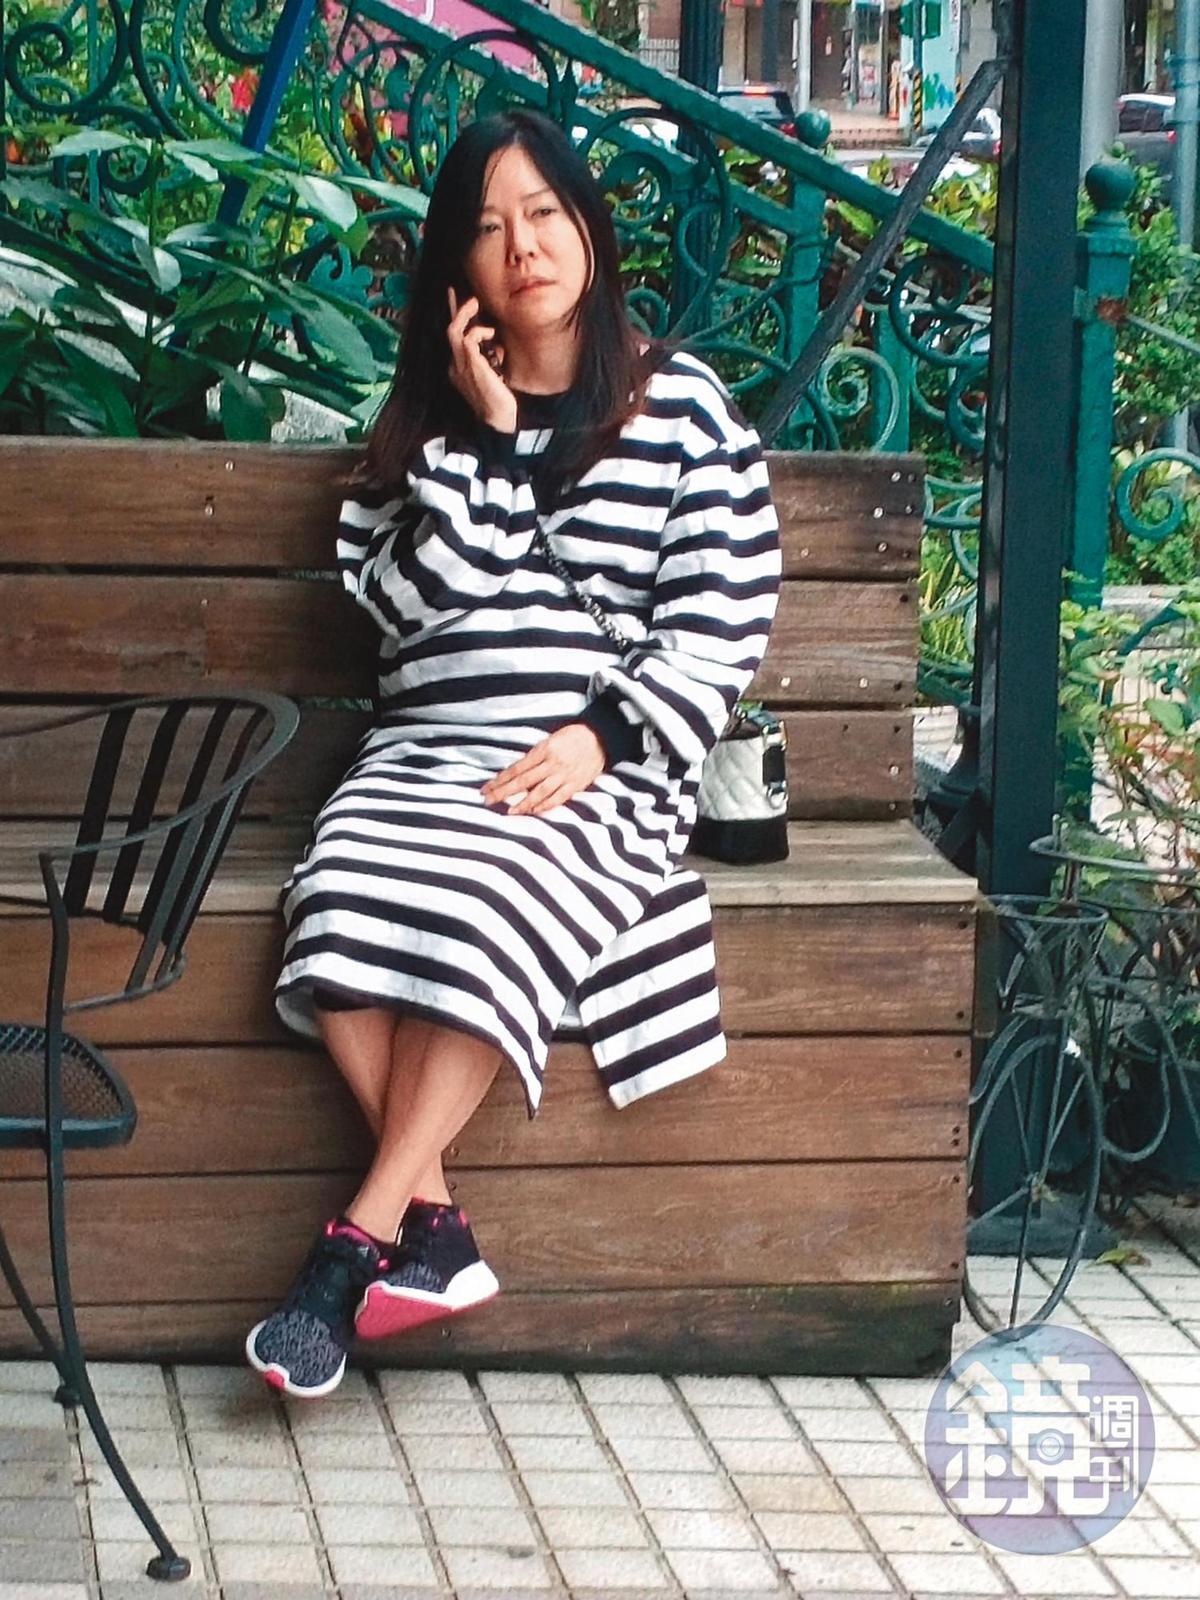 最近忙著寫論文又要照顧臥病媽媽的狄鶯,坐在日本料理店隔壁的咖啡廳外頭講電話,一圈肚子超級明顯。